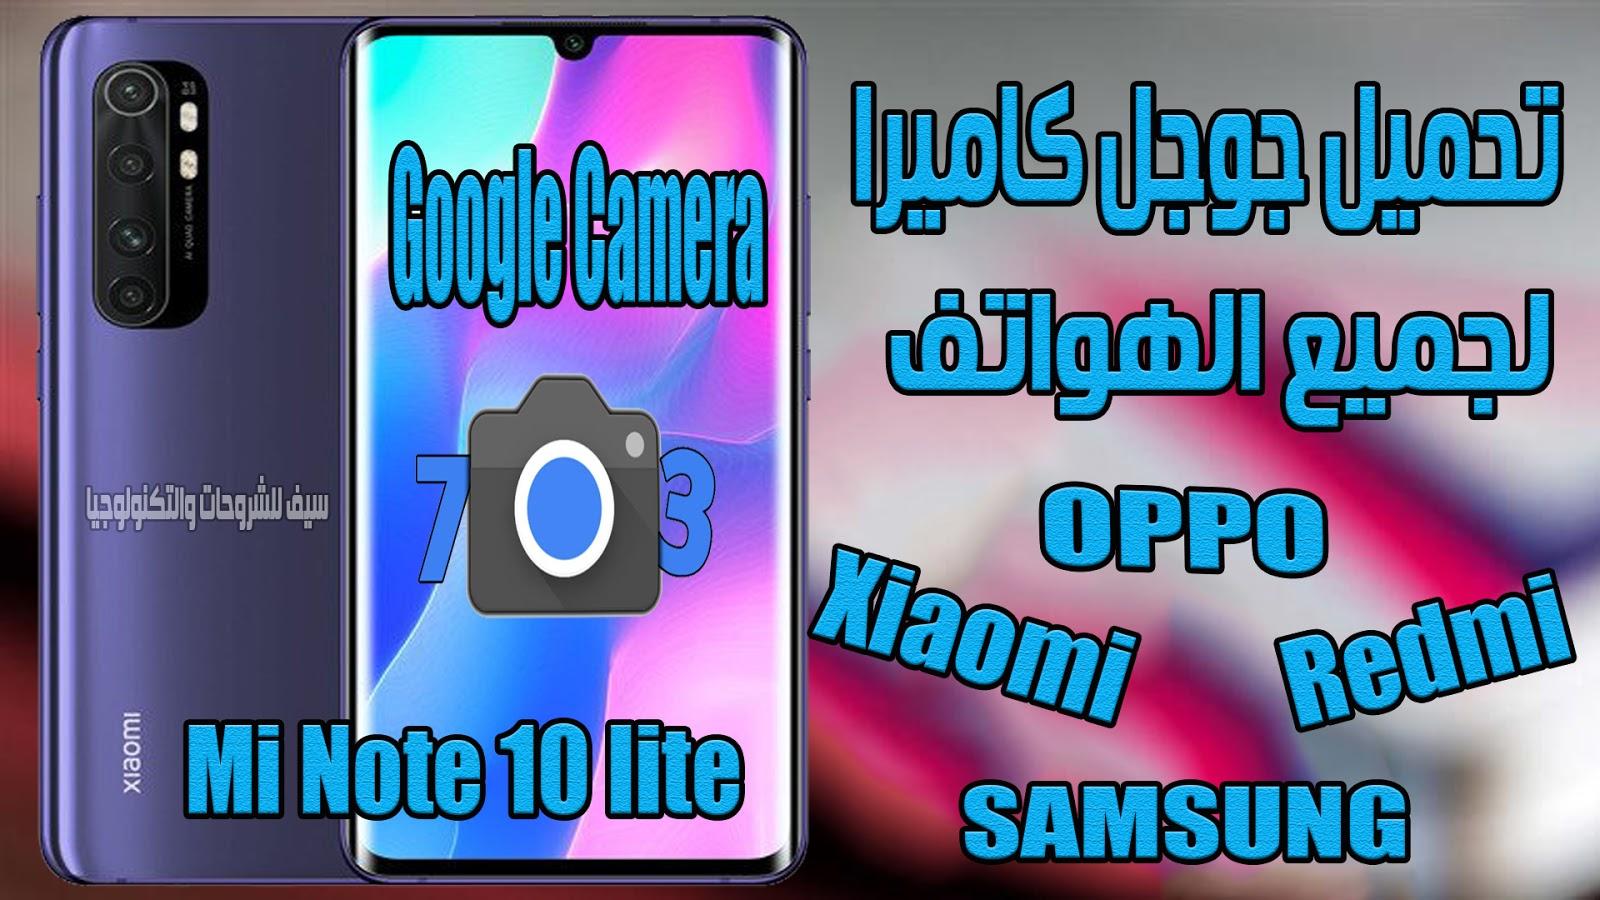 تحميل احدث اصدار من تطبيق Google Camera 7.2 لجميع الهواتف  xiaomi وخاصة  وبالاخص Mi Note 10 lite